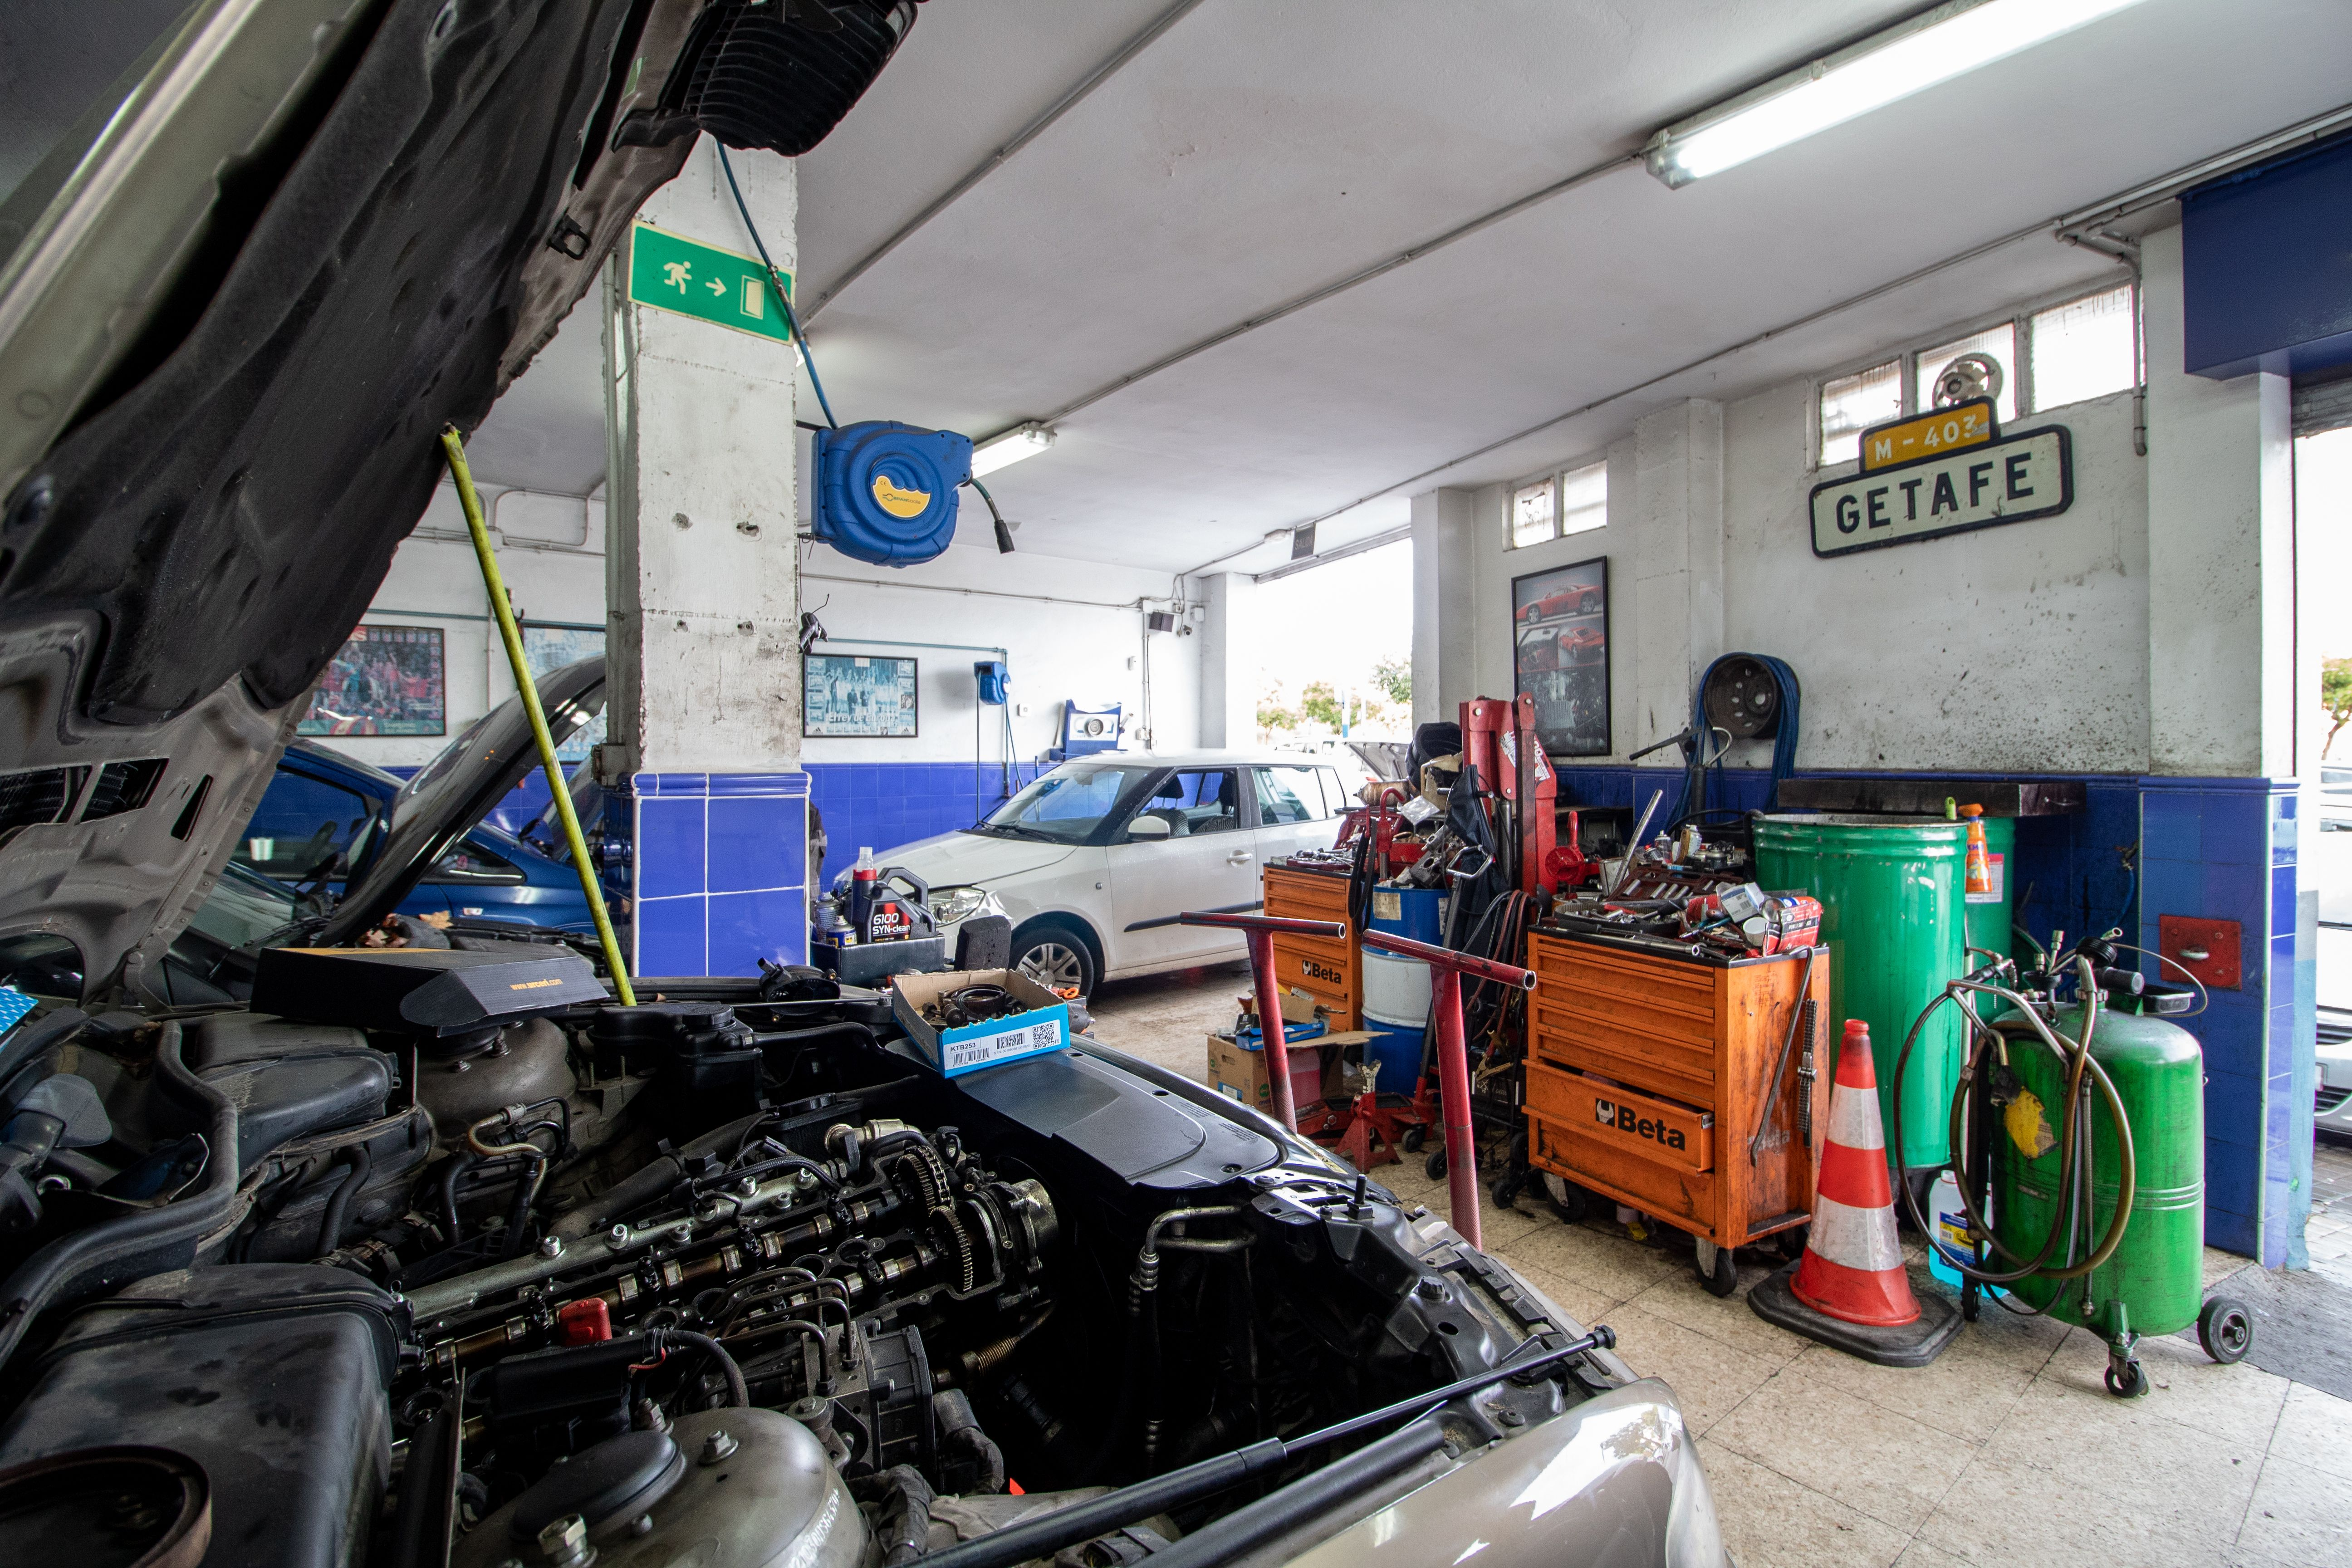 Motor vehículo